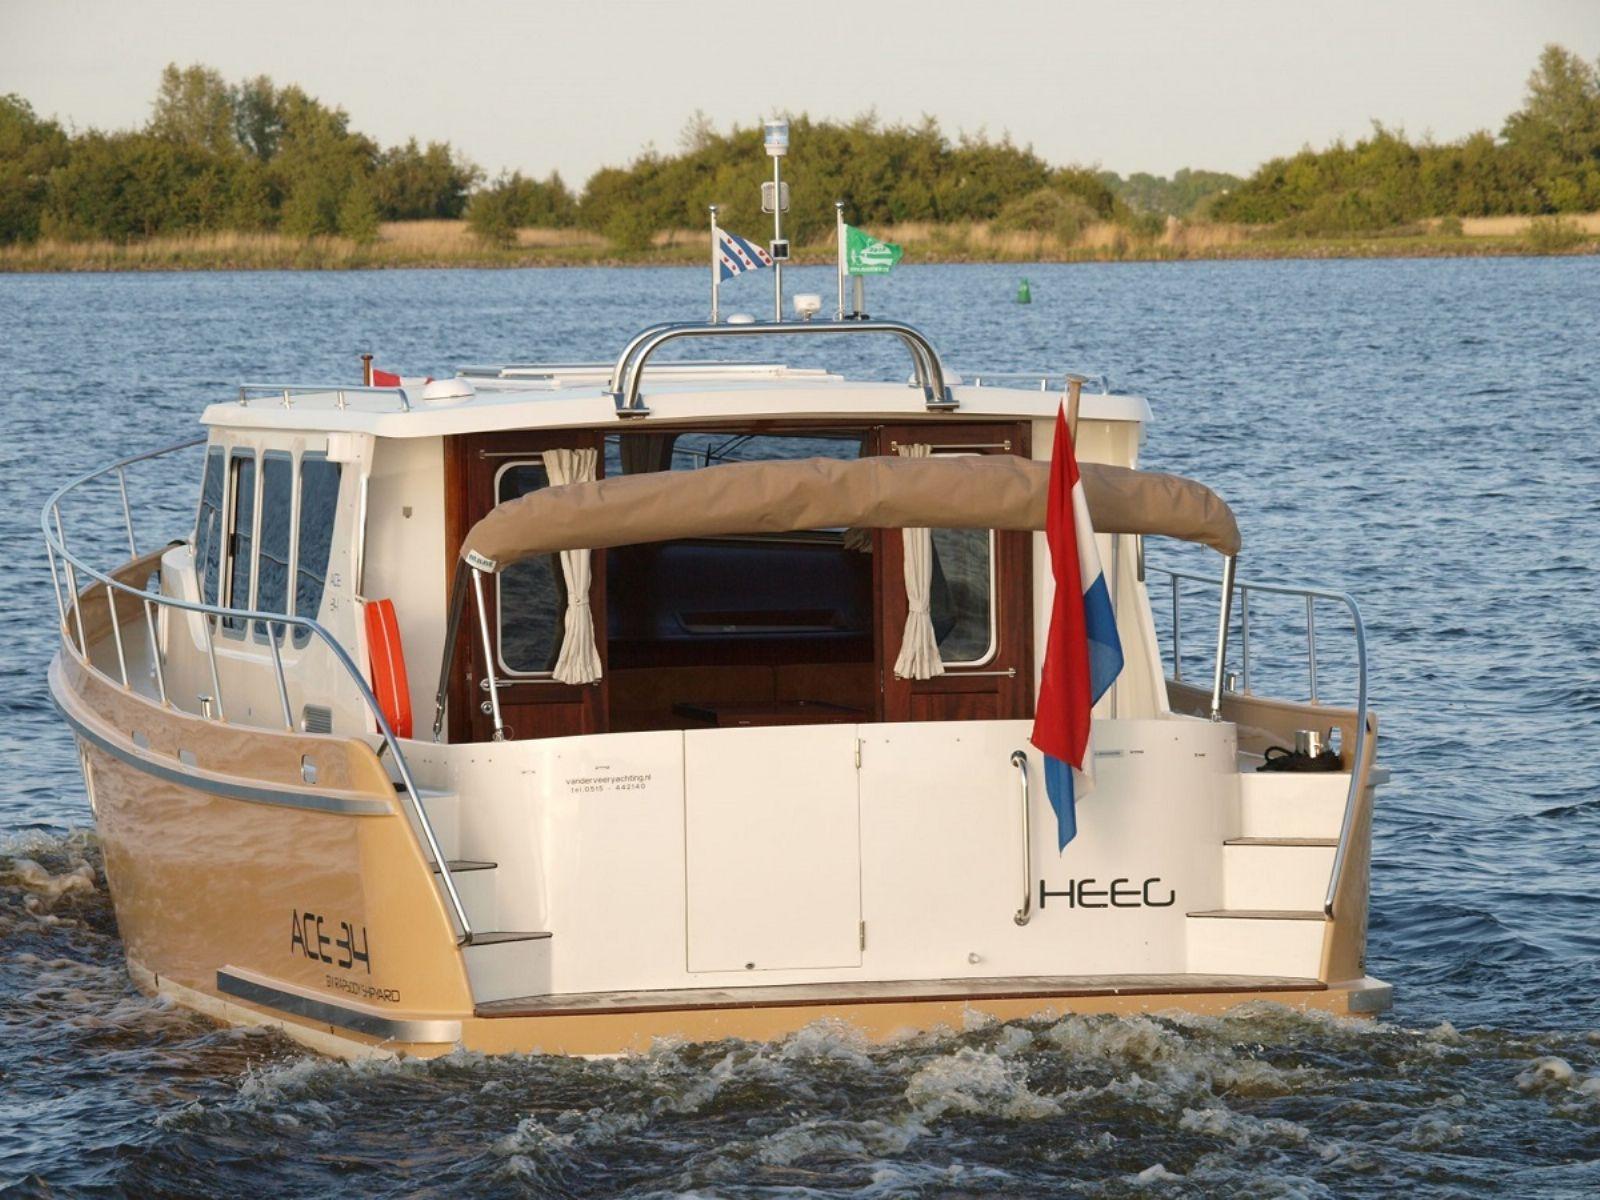 twee type motorjachten met slaapgelegenheid